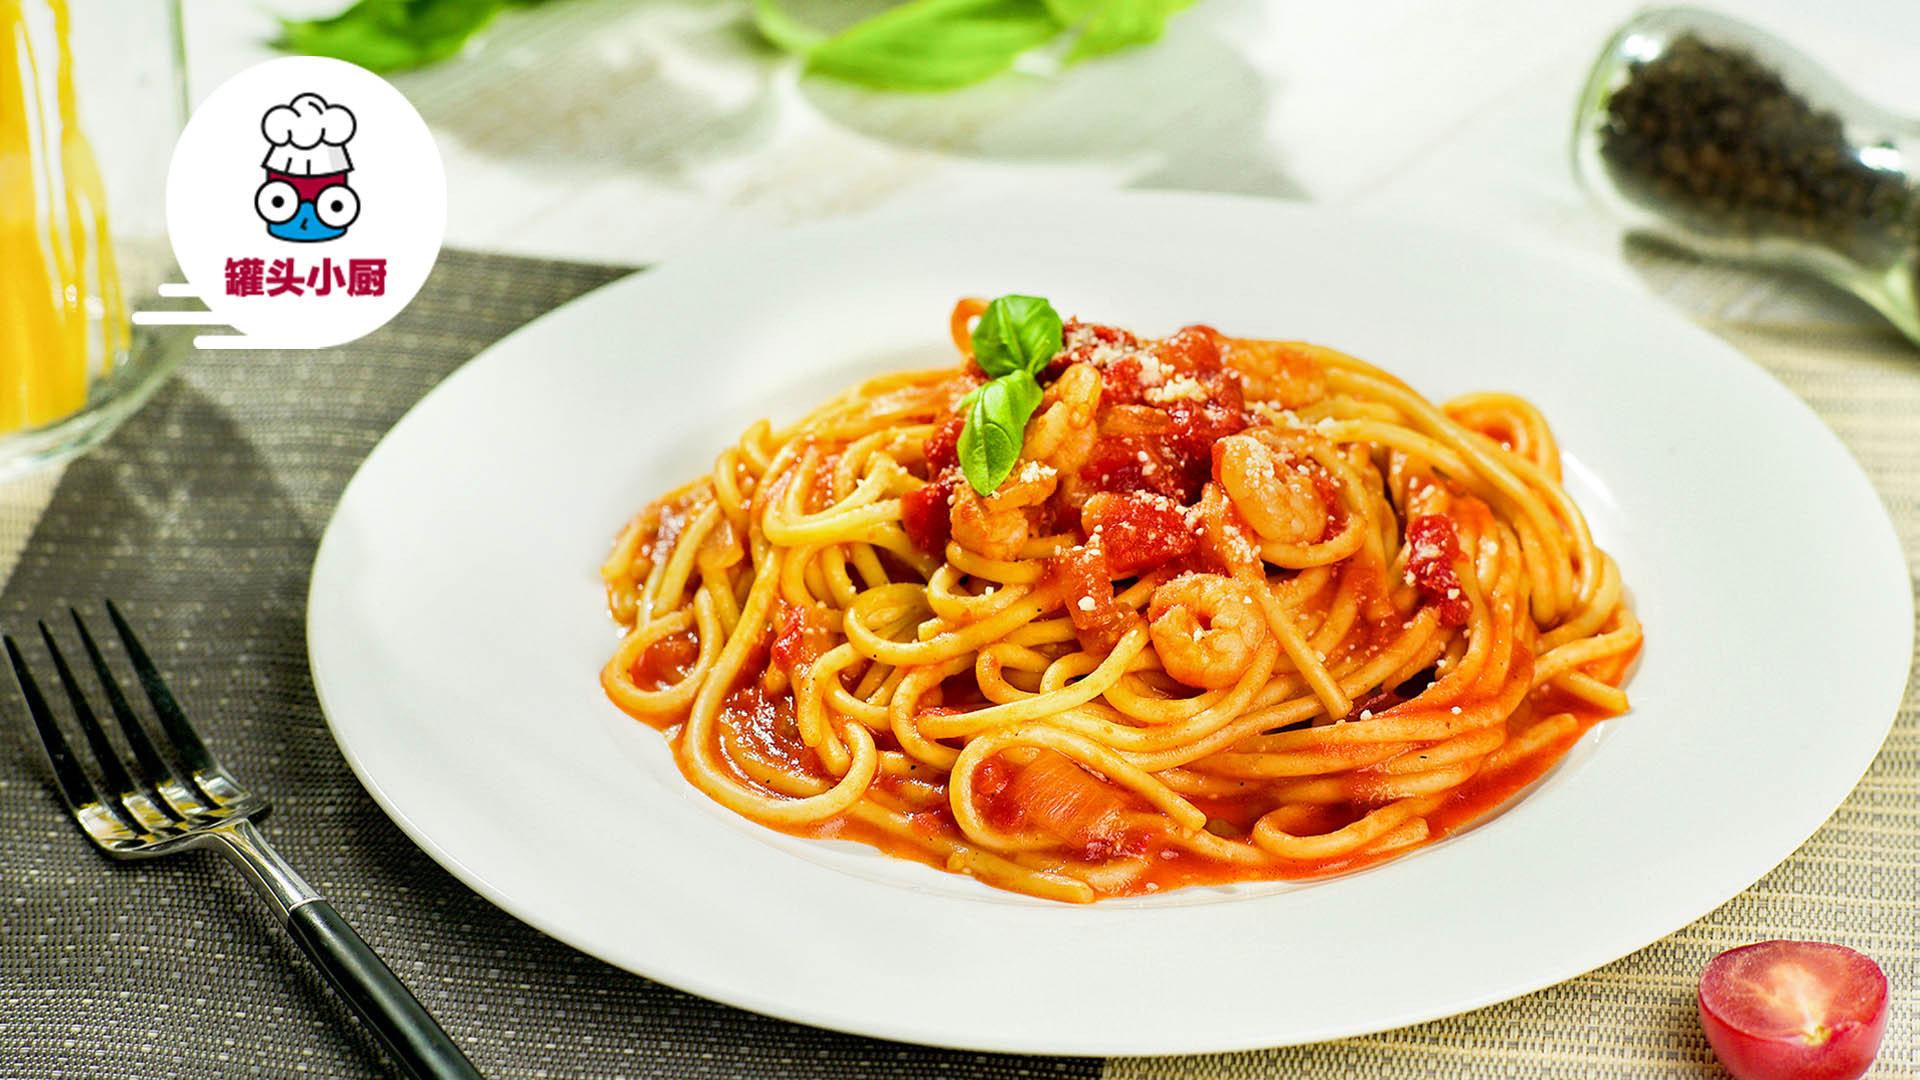 超值意面套餐来袭!3款小食让你沉迷美味,享受单身!